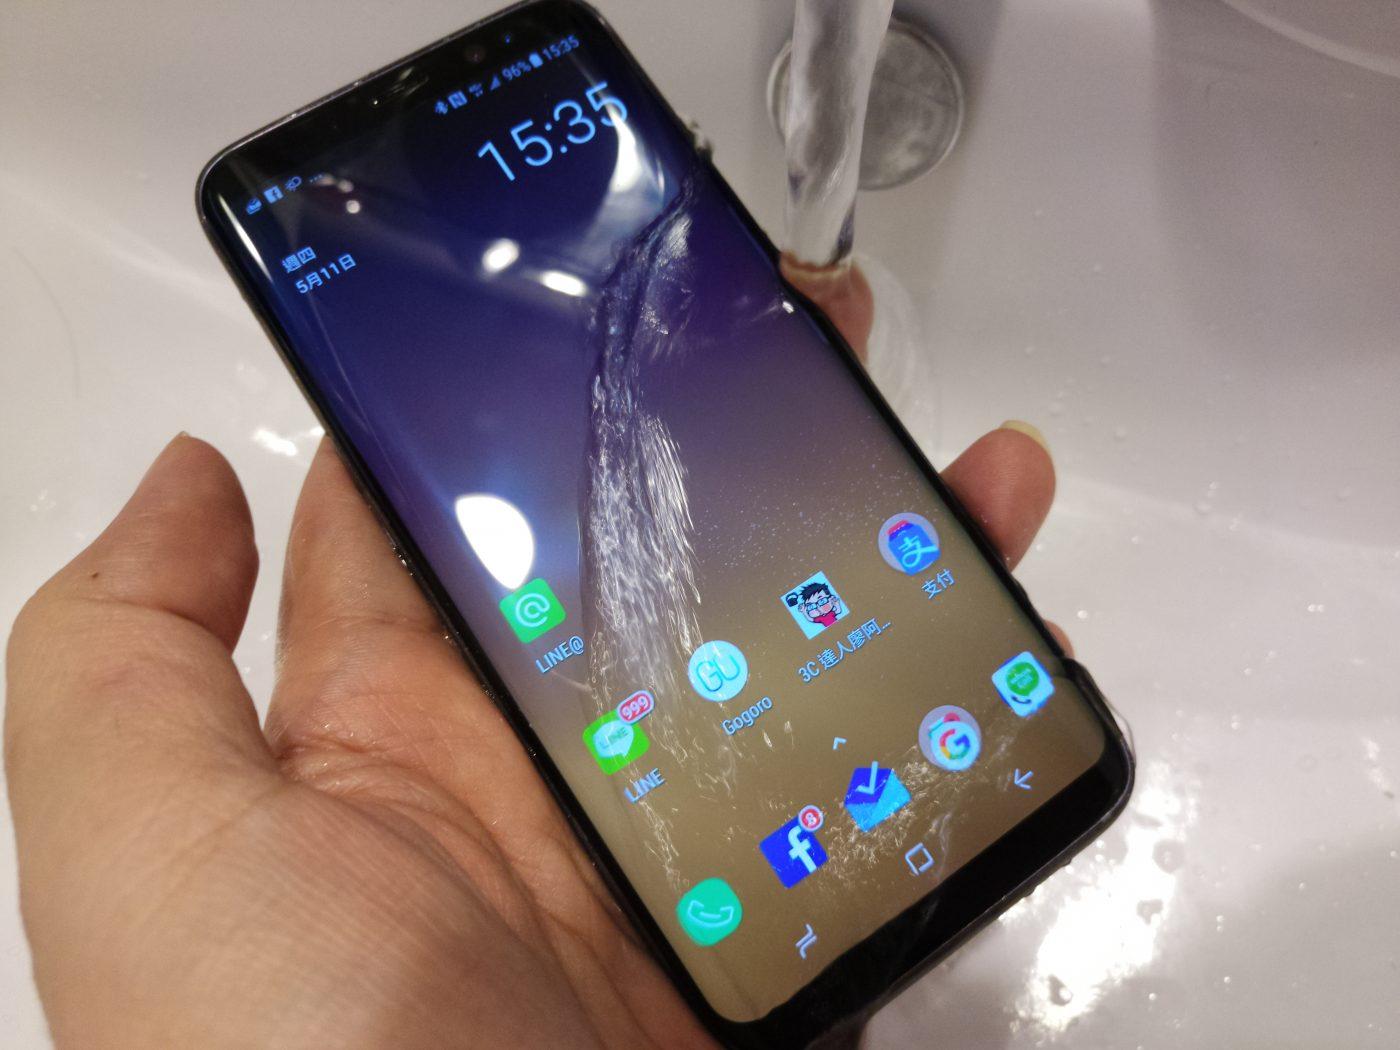 全面顛峰的再突破!三星 Galaxy S8/S8+ 突破視野的體驗 (1) @3C 達人廖阿輝